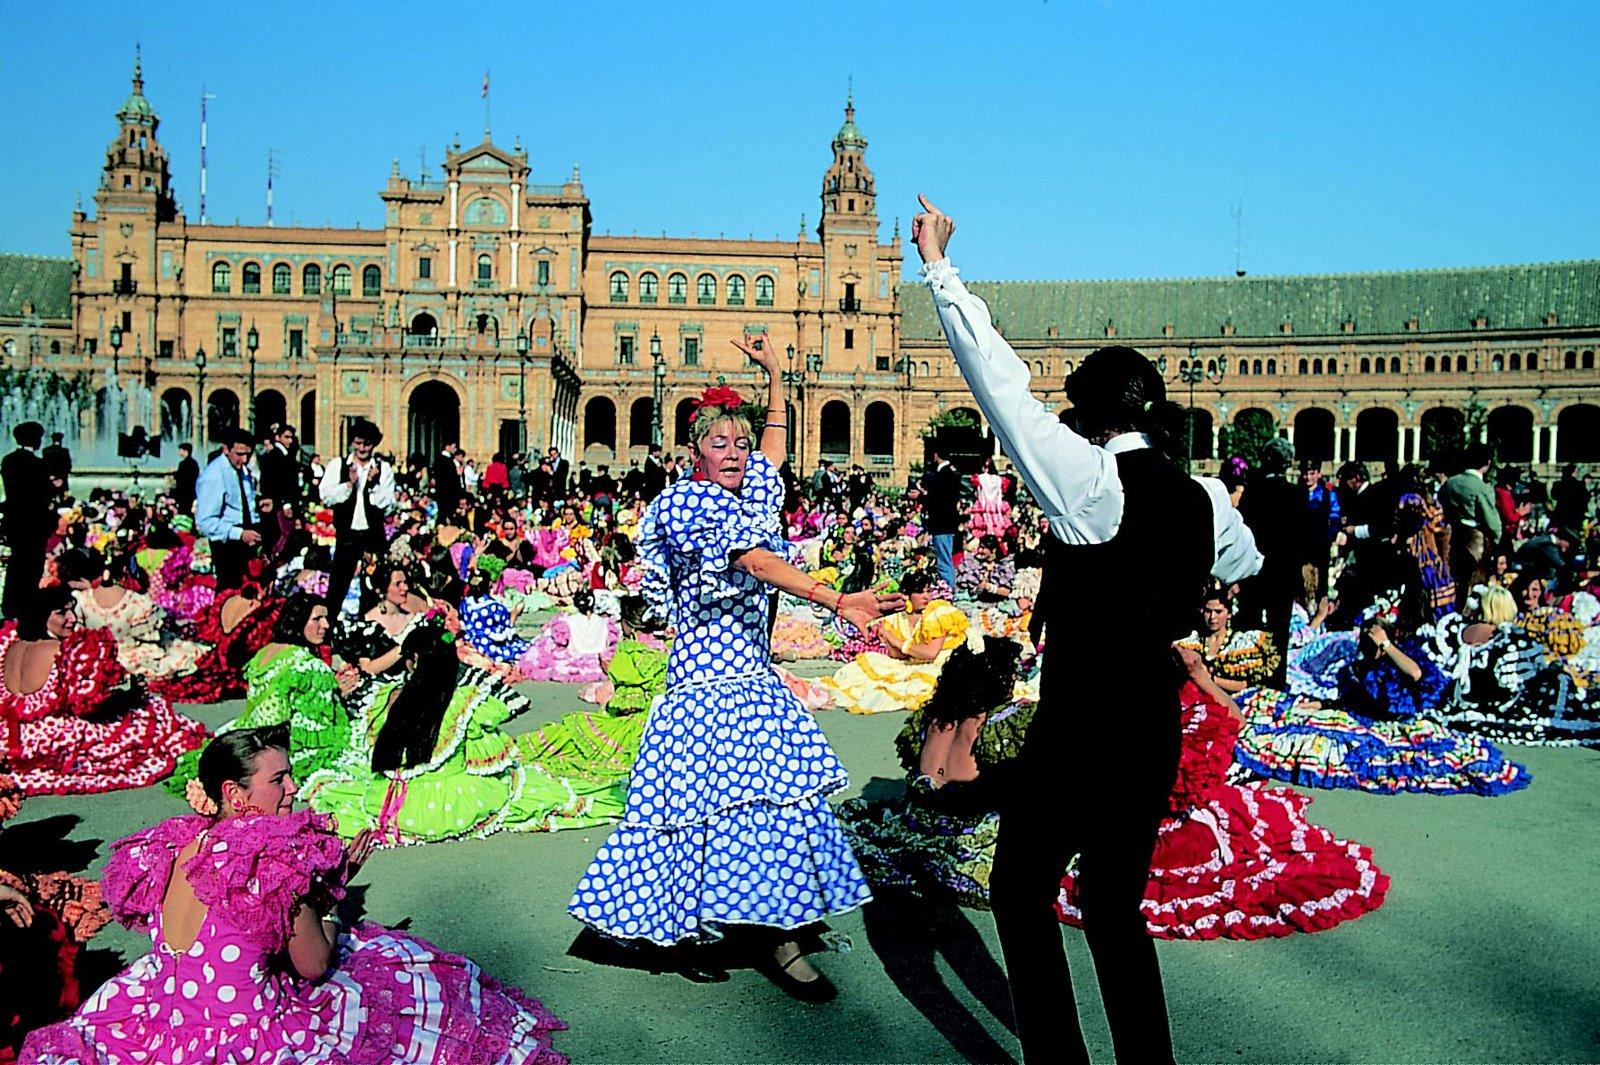 Севильянес, всадники, яркие платья, фламенко и коррида Севилья